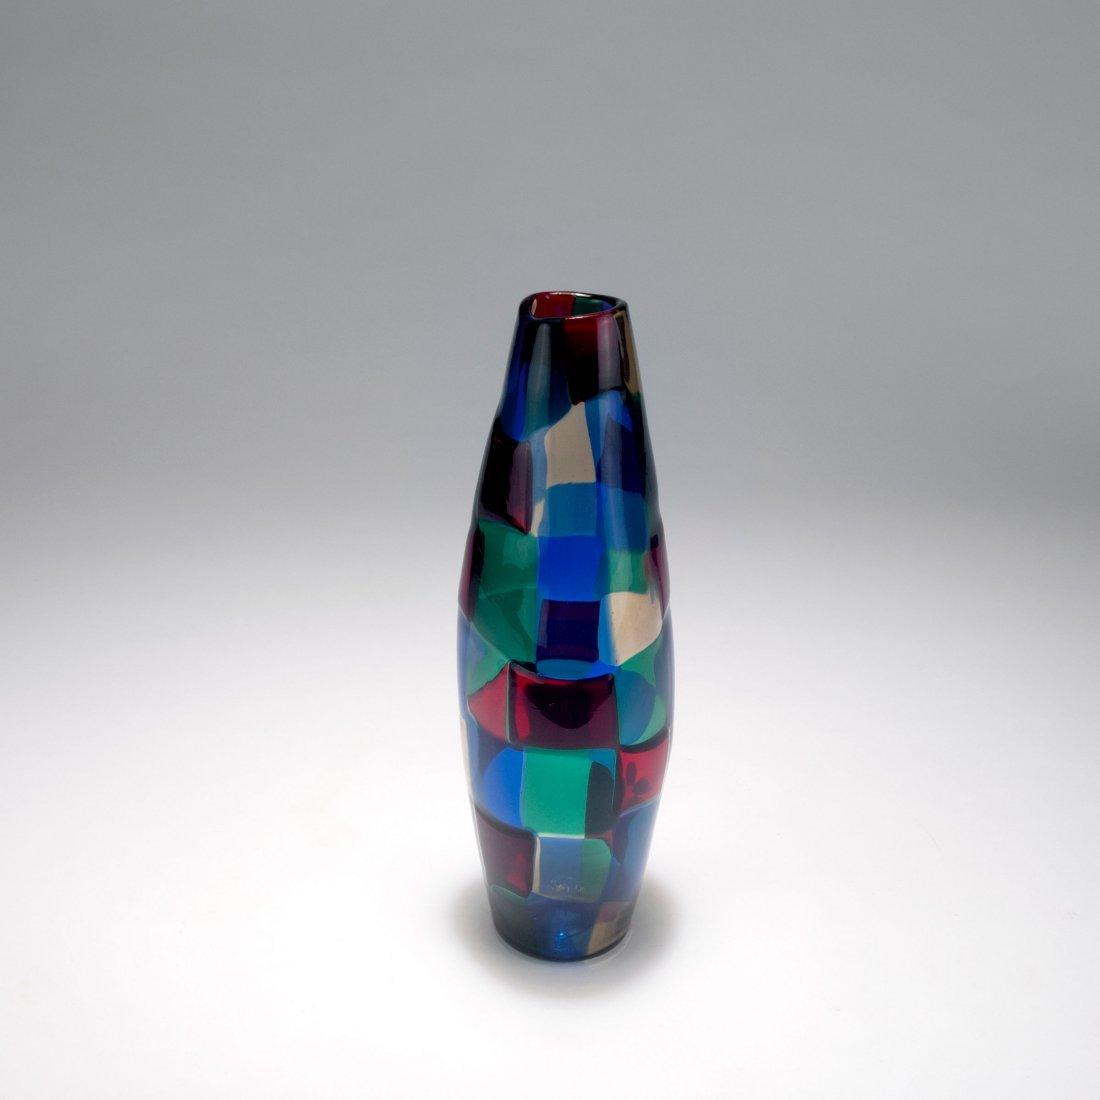 'Pezzato' vase, 1951 - 2